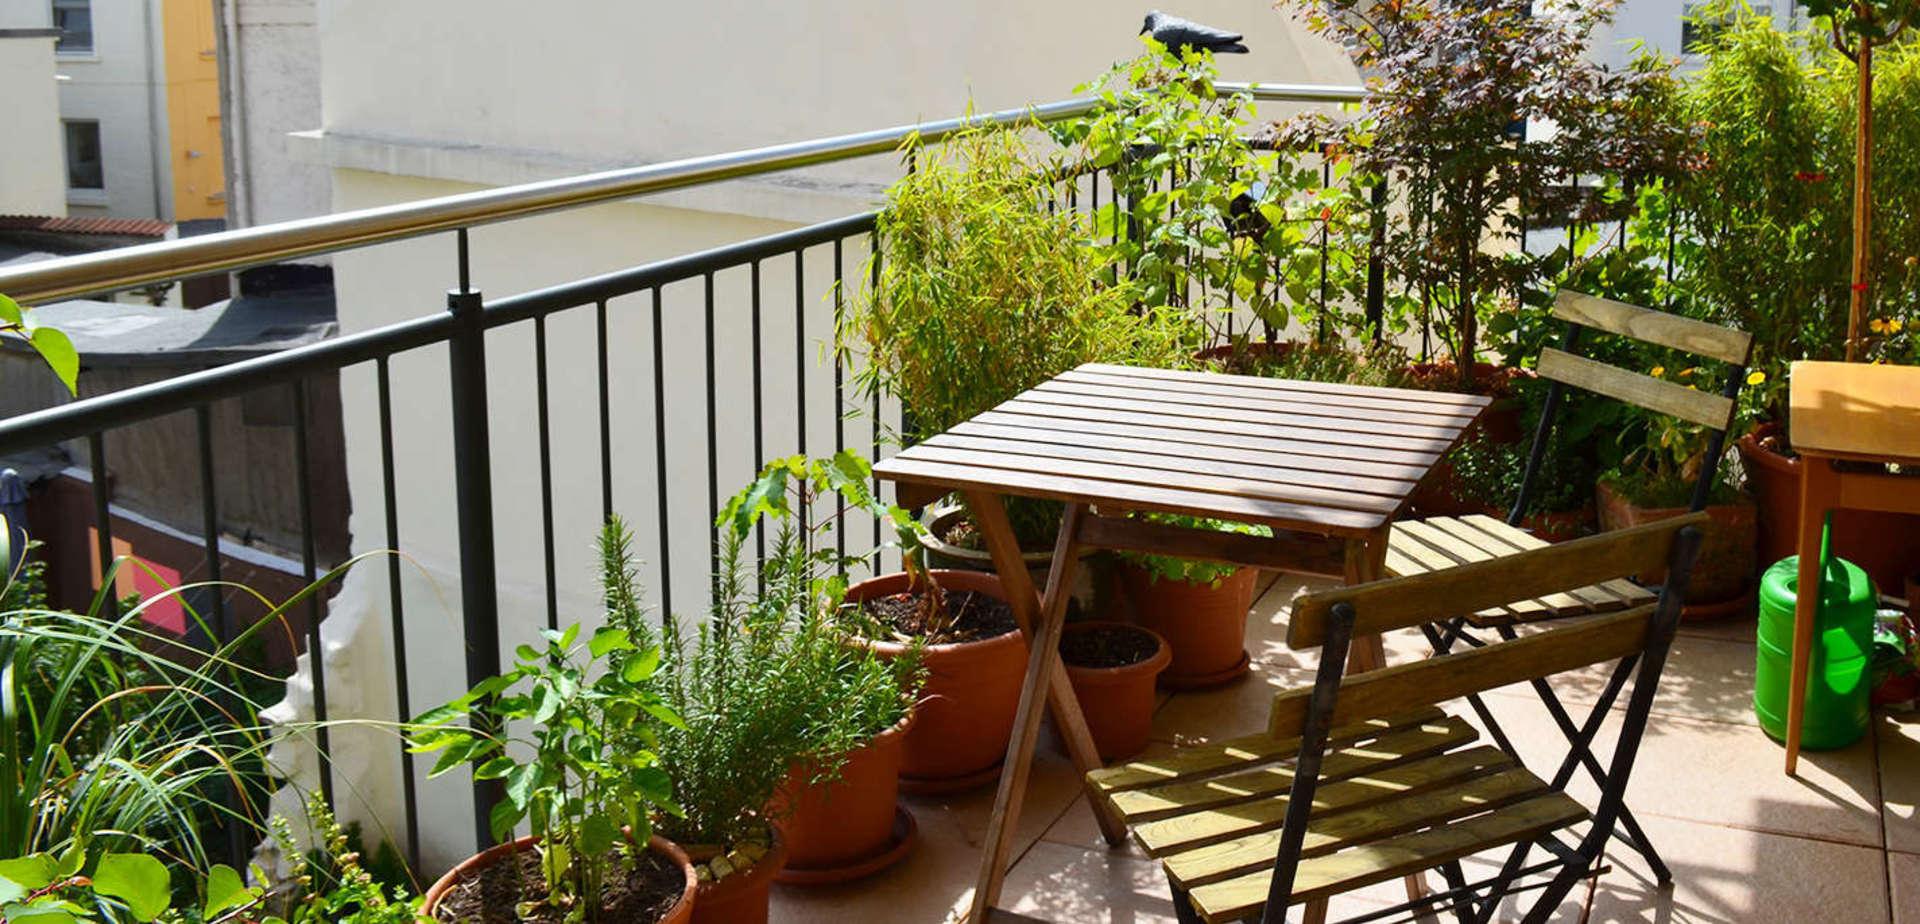 Aménager Son Balcon Avec Des Palettes aménager son balcon : 6 conseils pour un beau balcon | brico.be